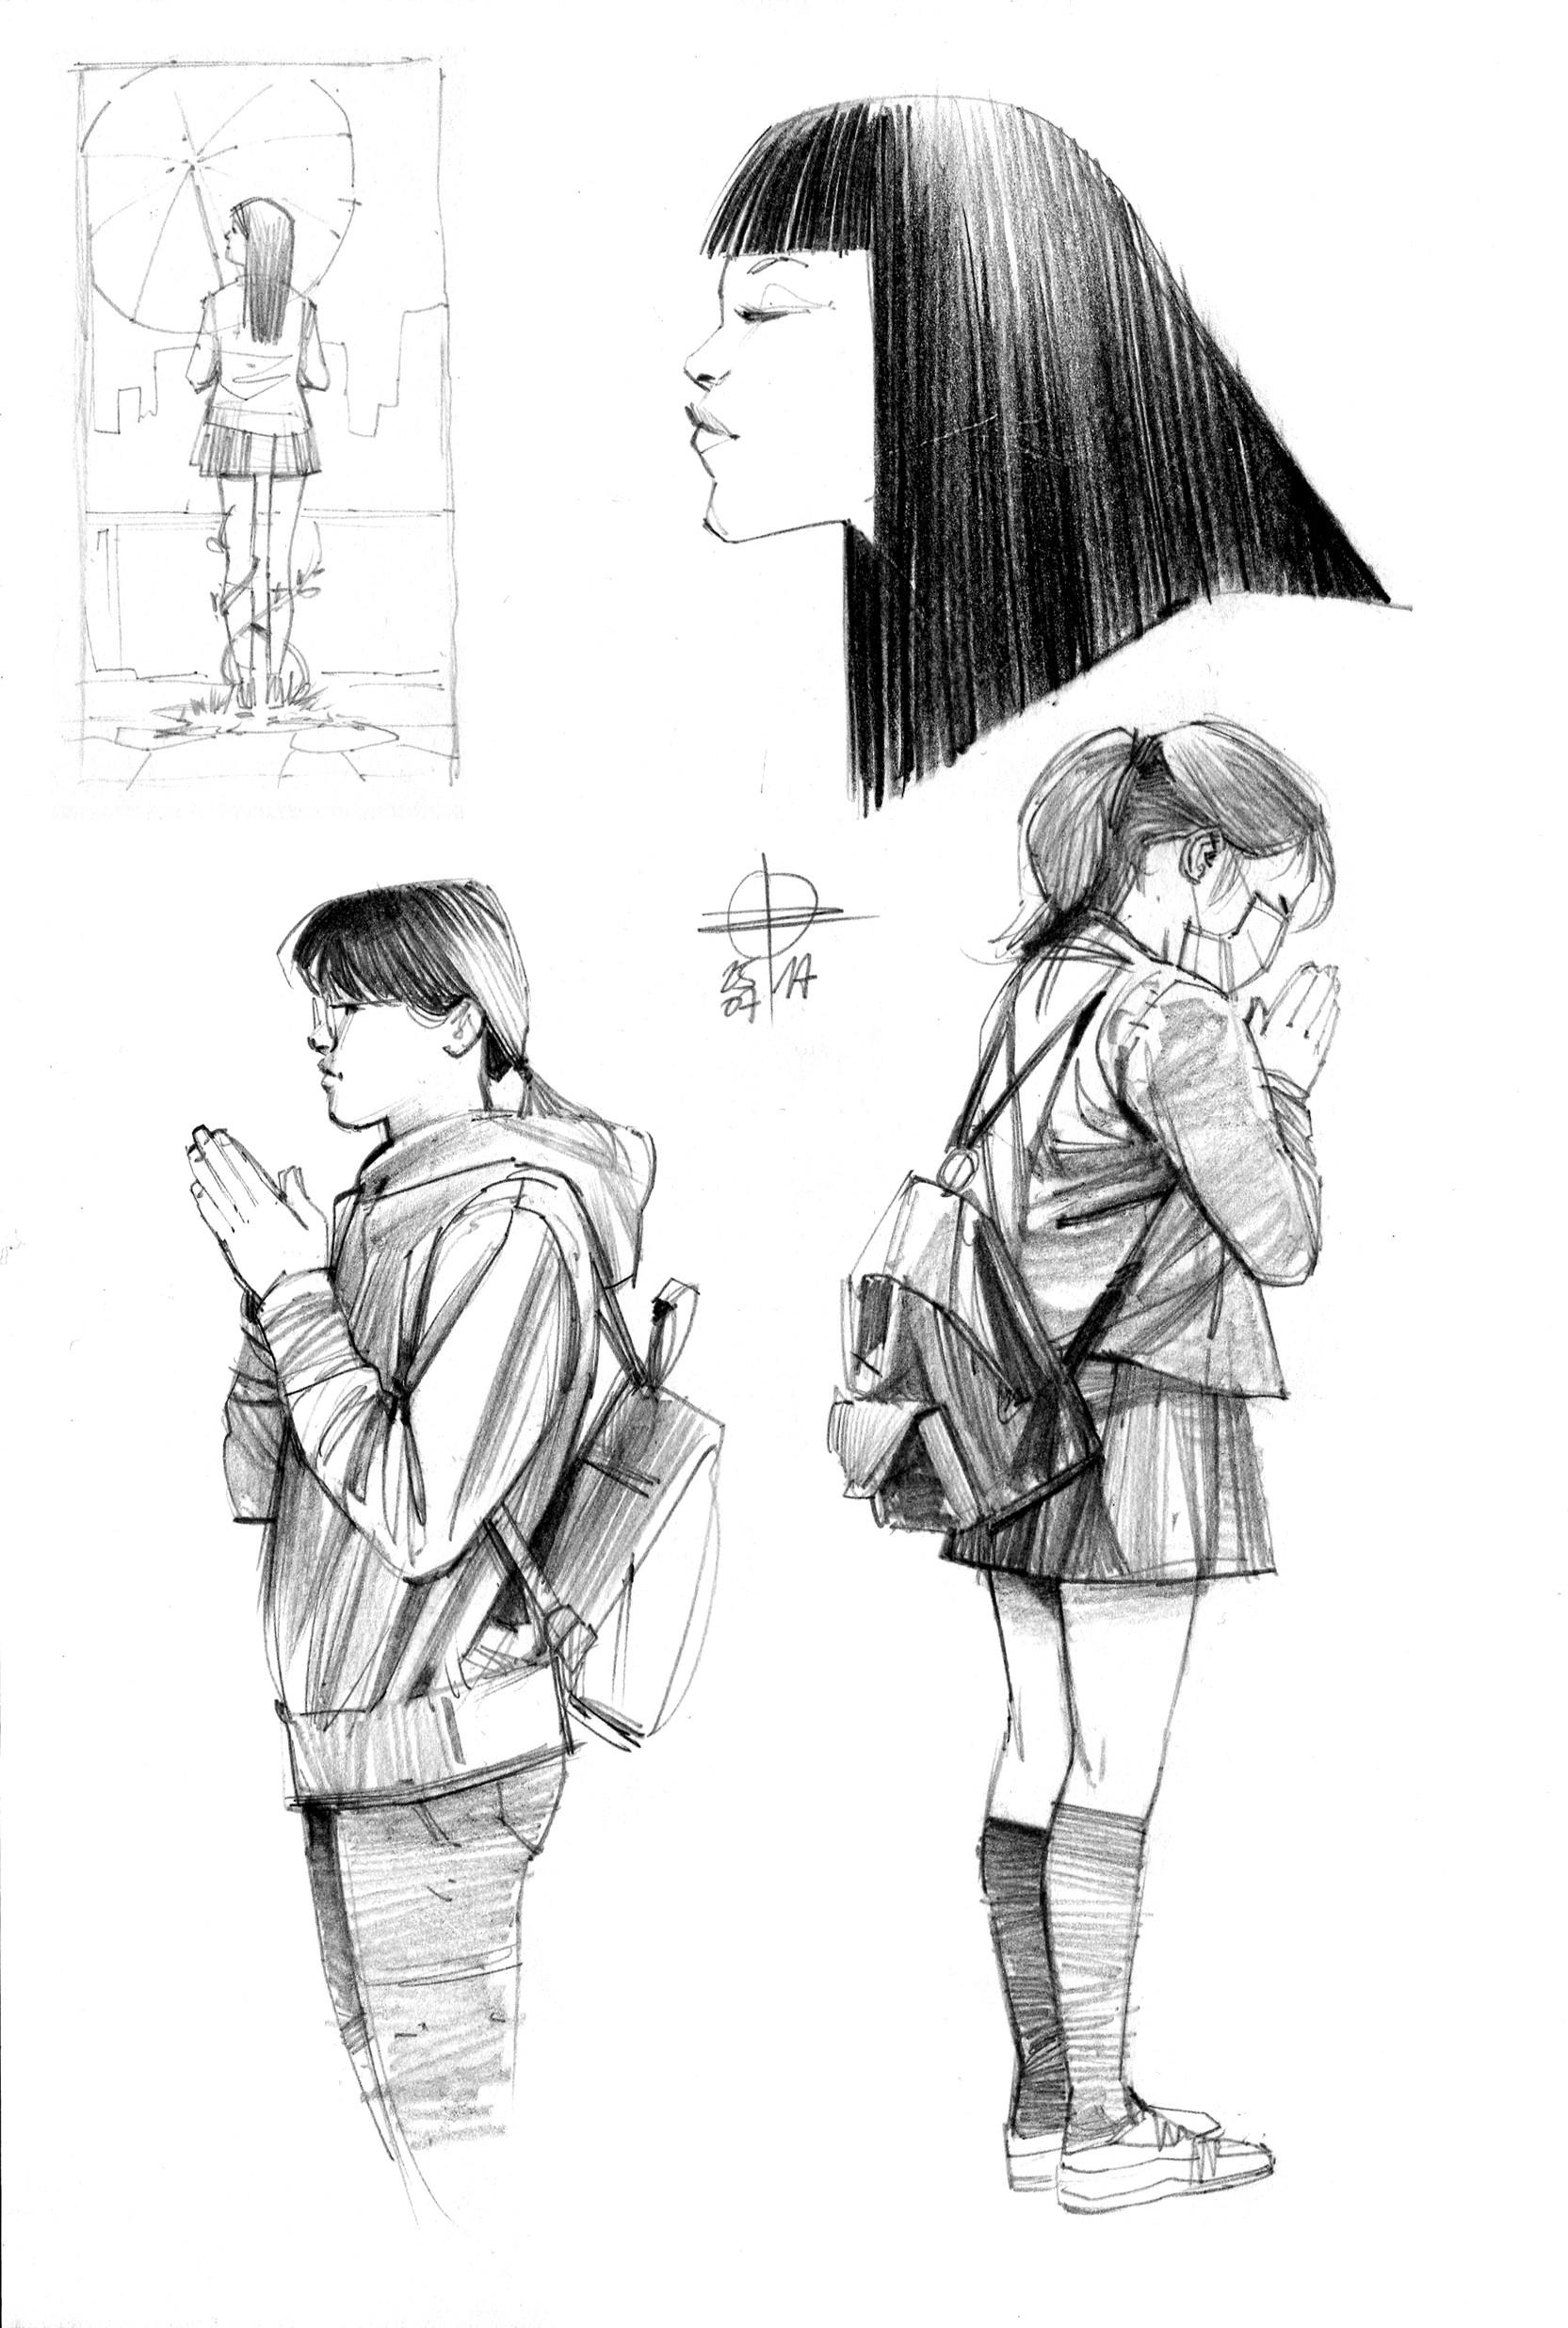 Renaud roche sketchbook03